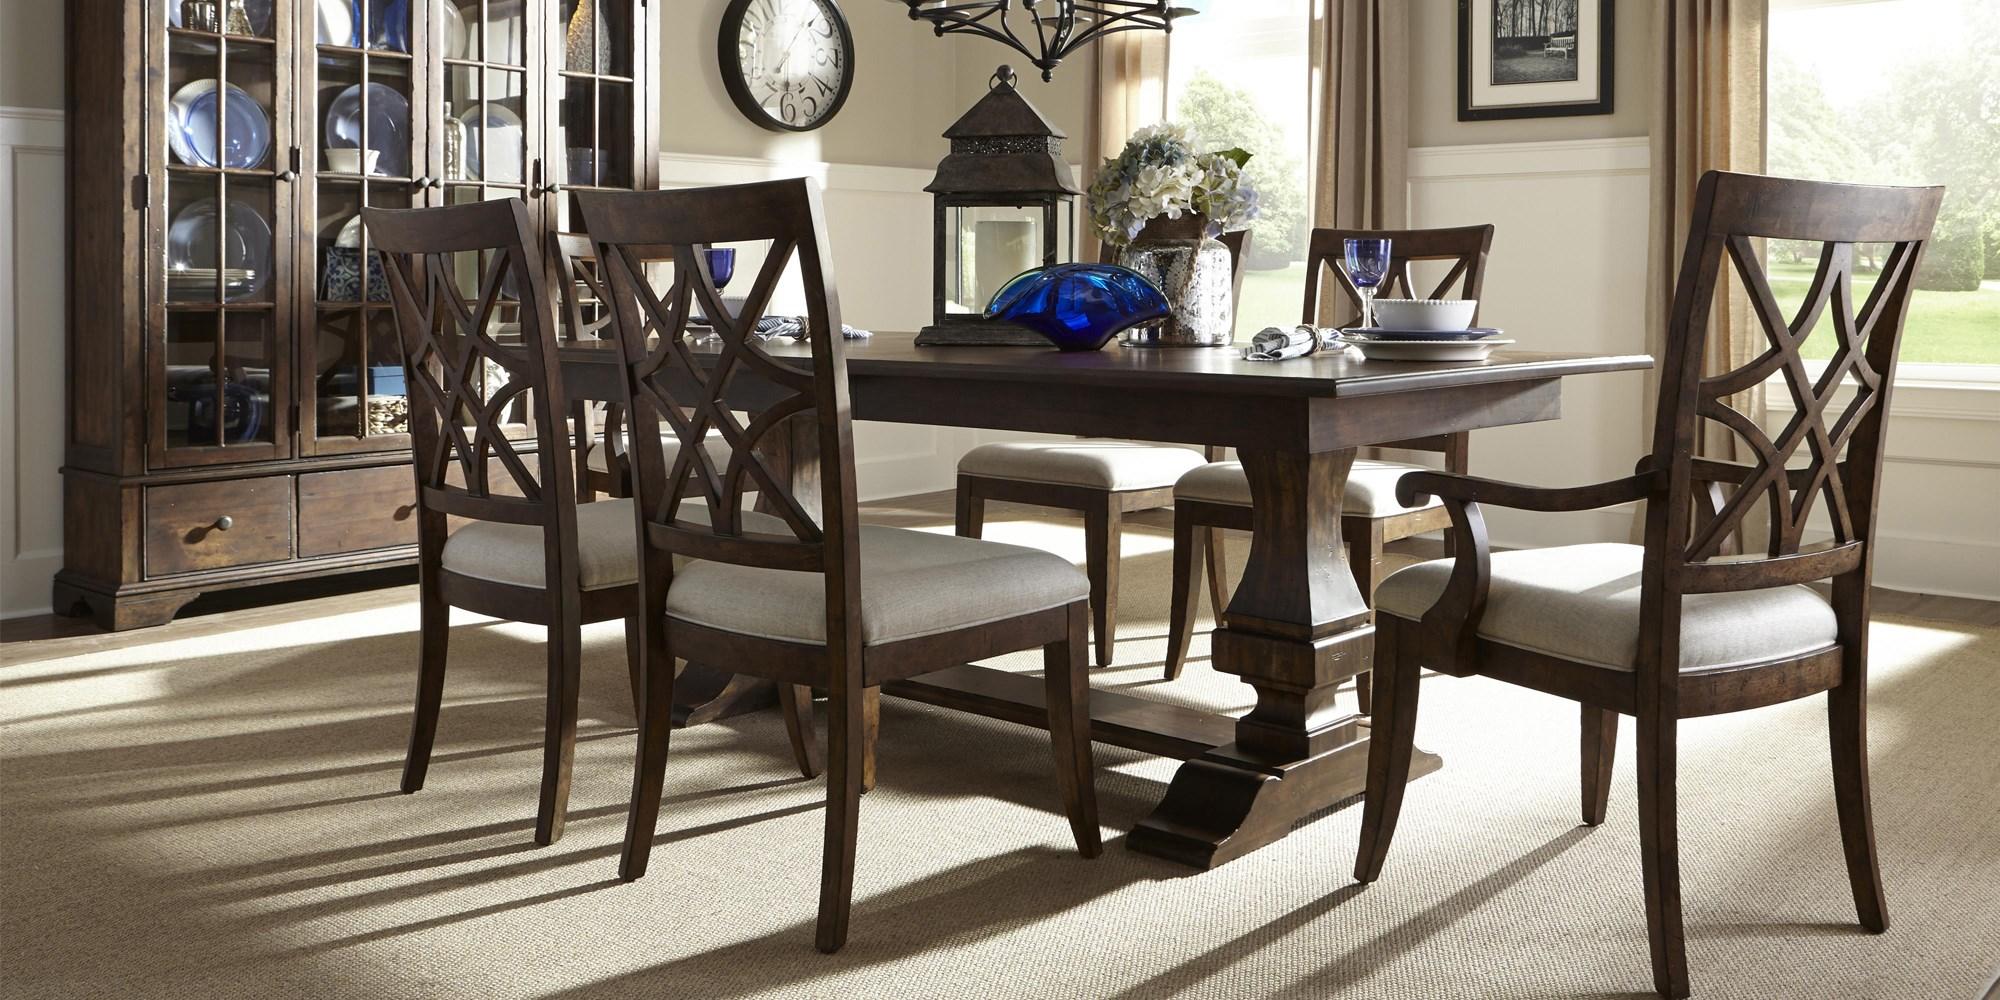 Trisha Yearwood Dining Set